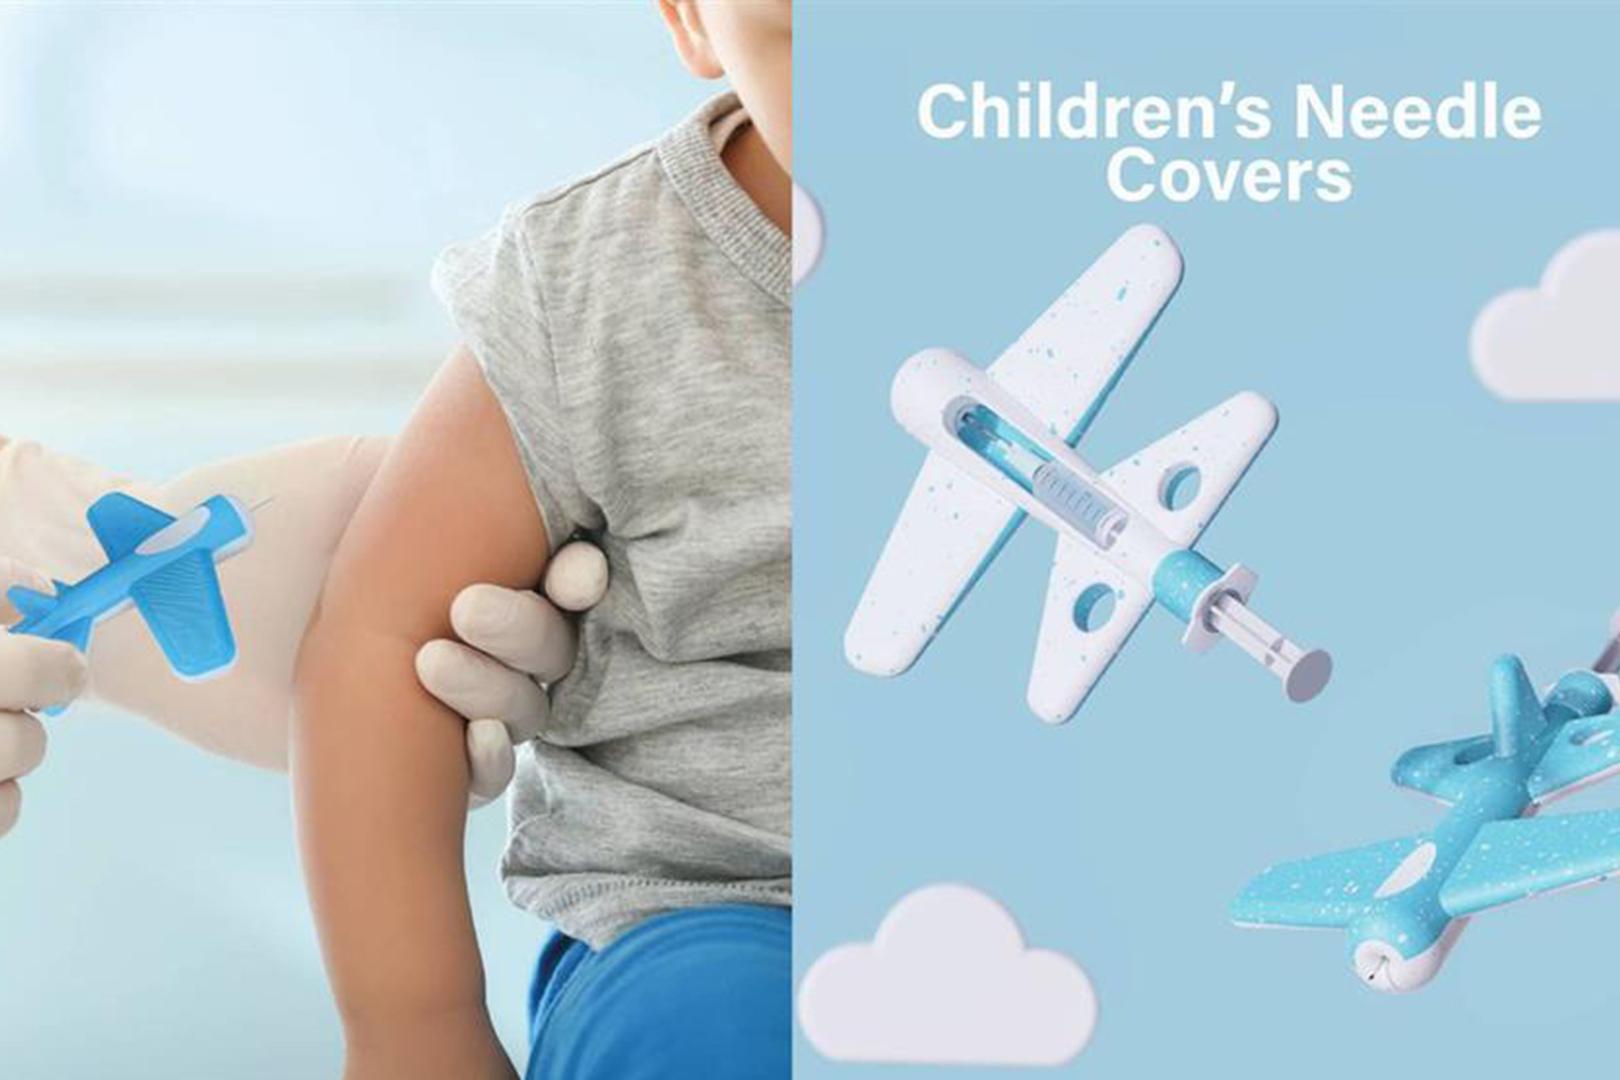 飛機造型針筒套設計提案!以可愛外觀降低孩童對於打針的恐懼